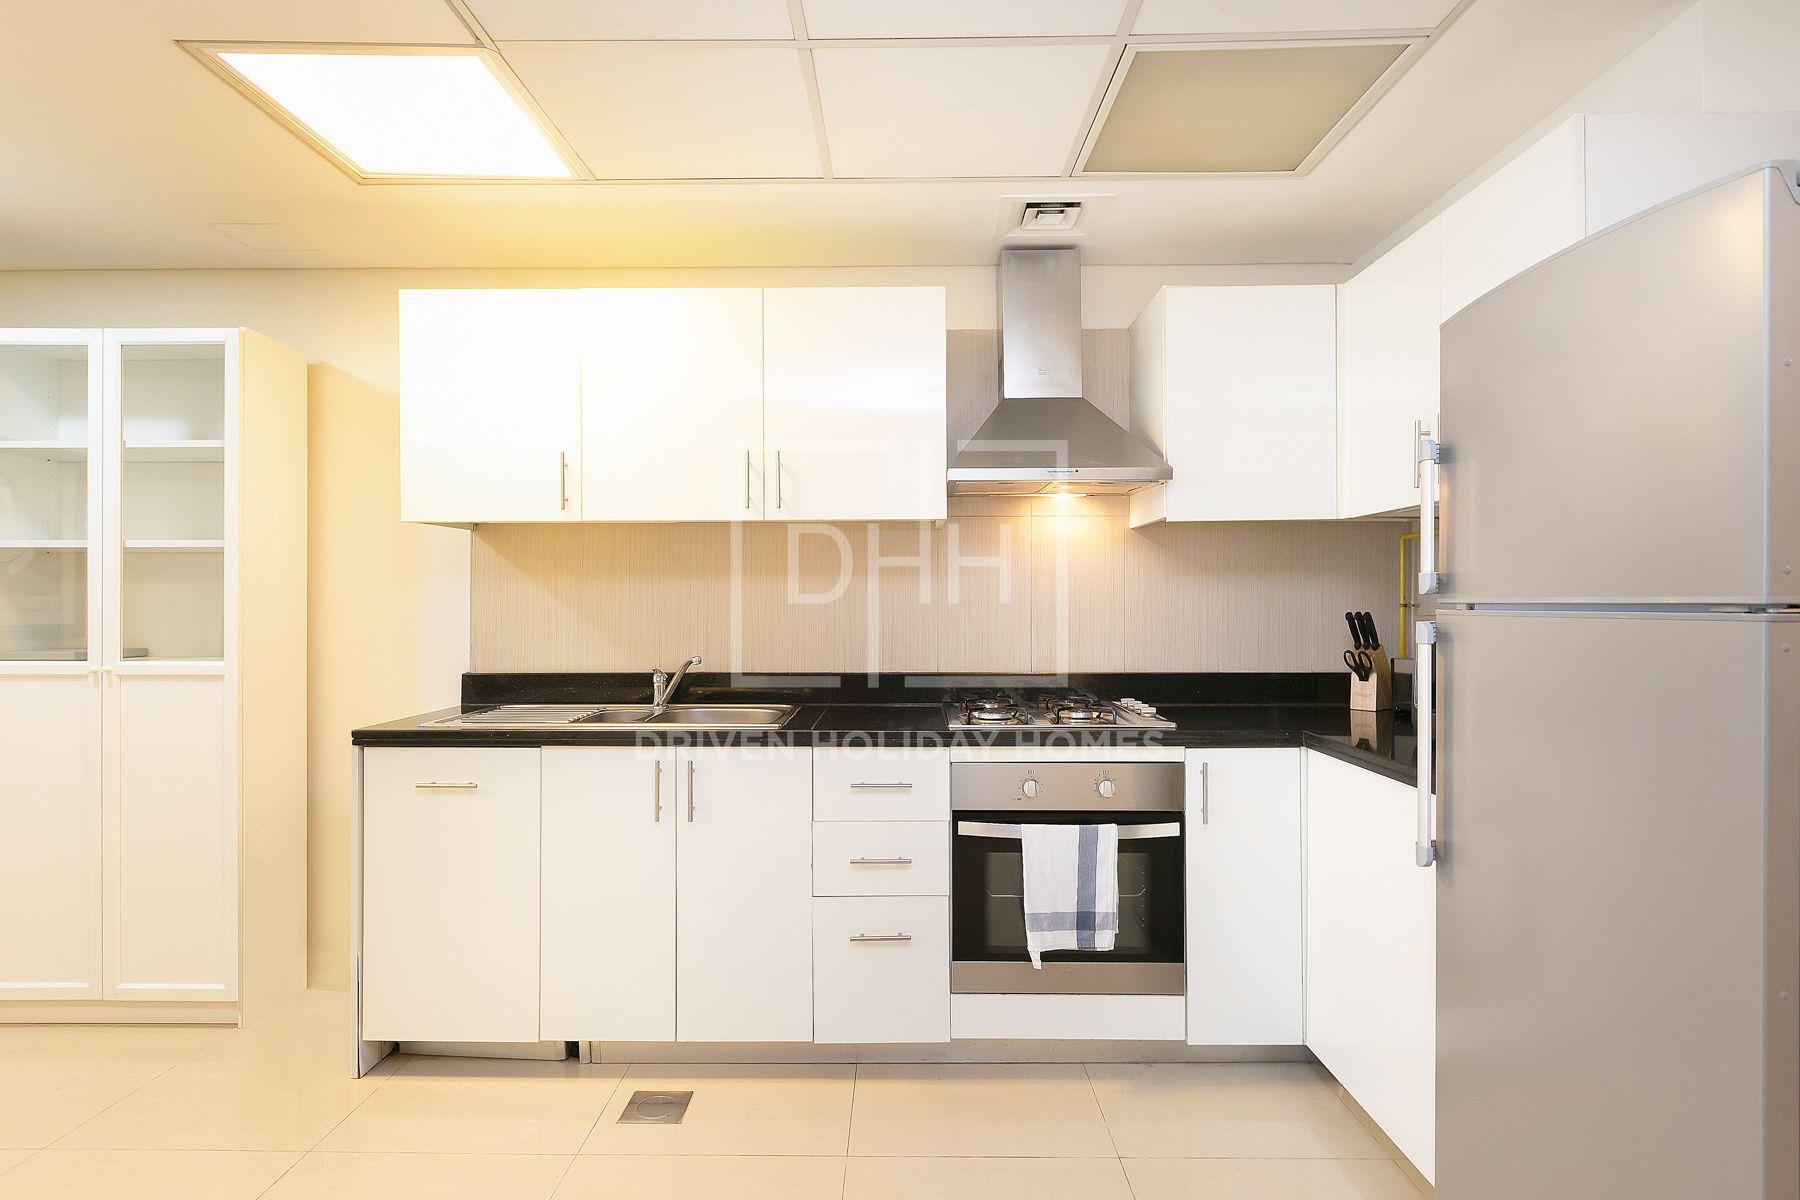 للايجار - شقة - A بارك  تاور - مركز دبي المالي العالمي